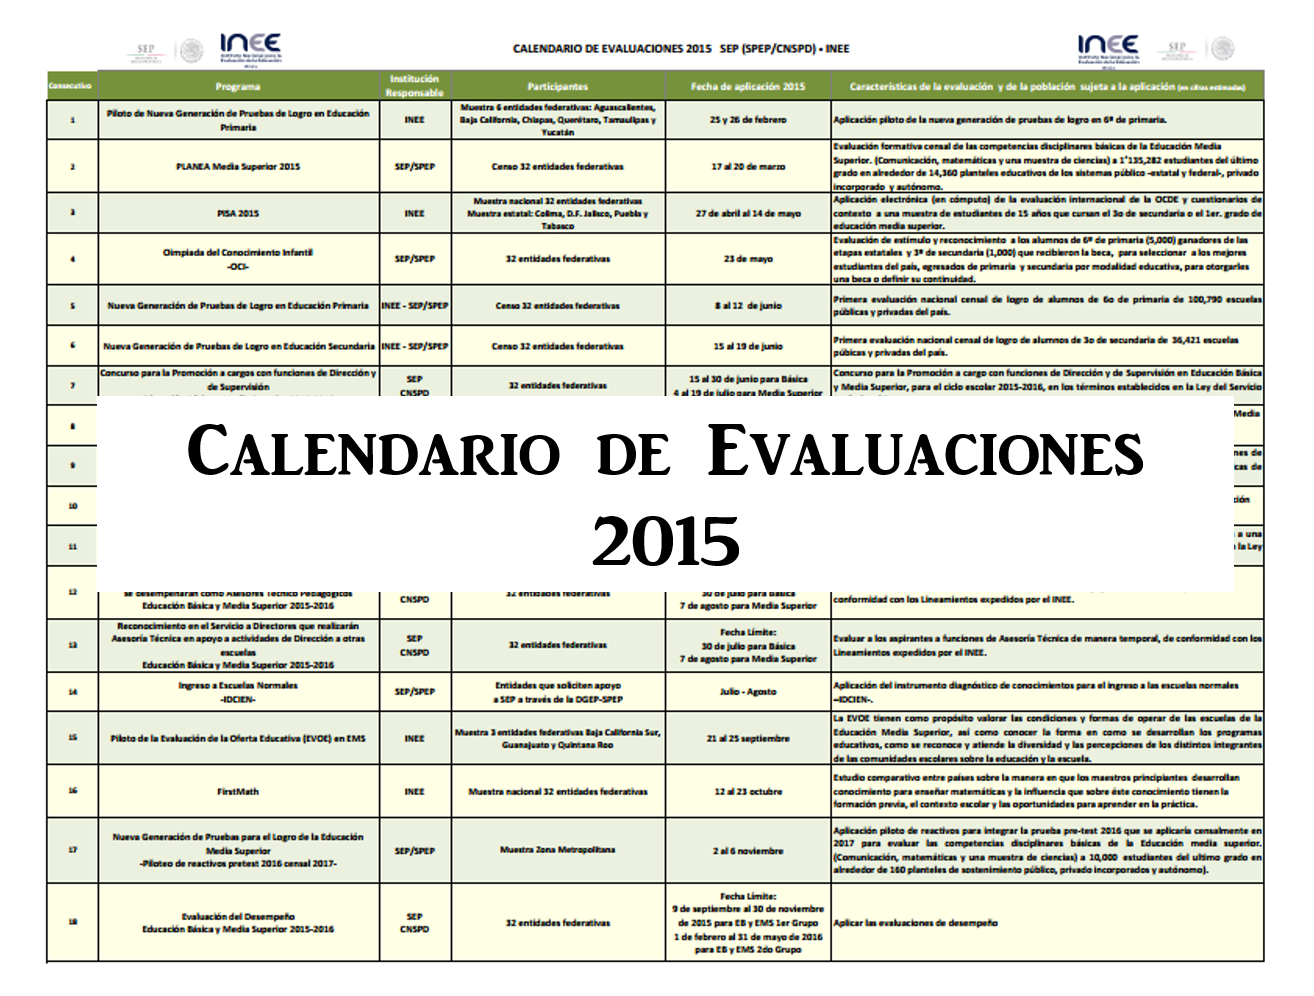 Evaluaciones 2015